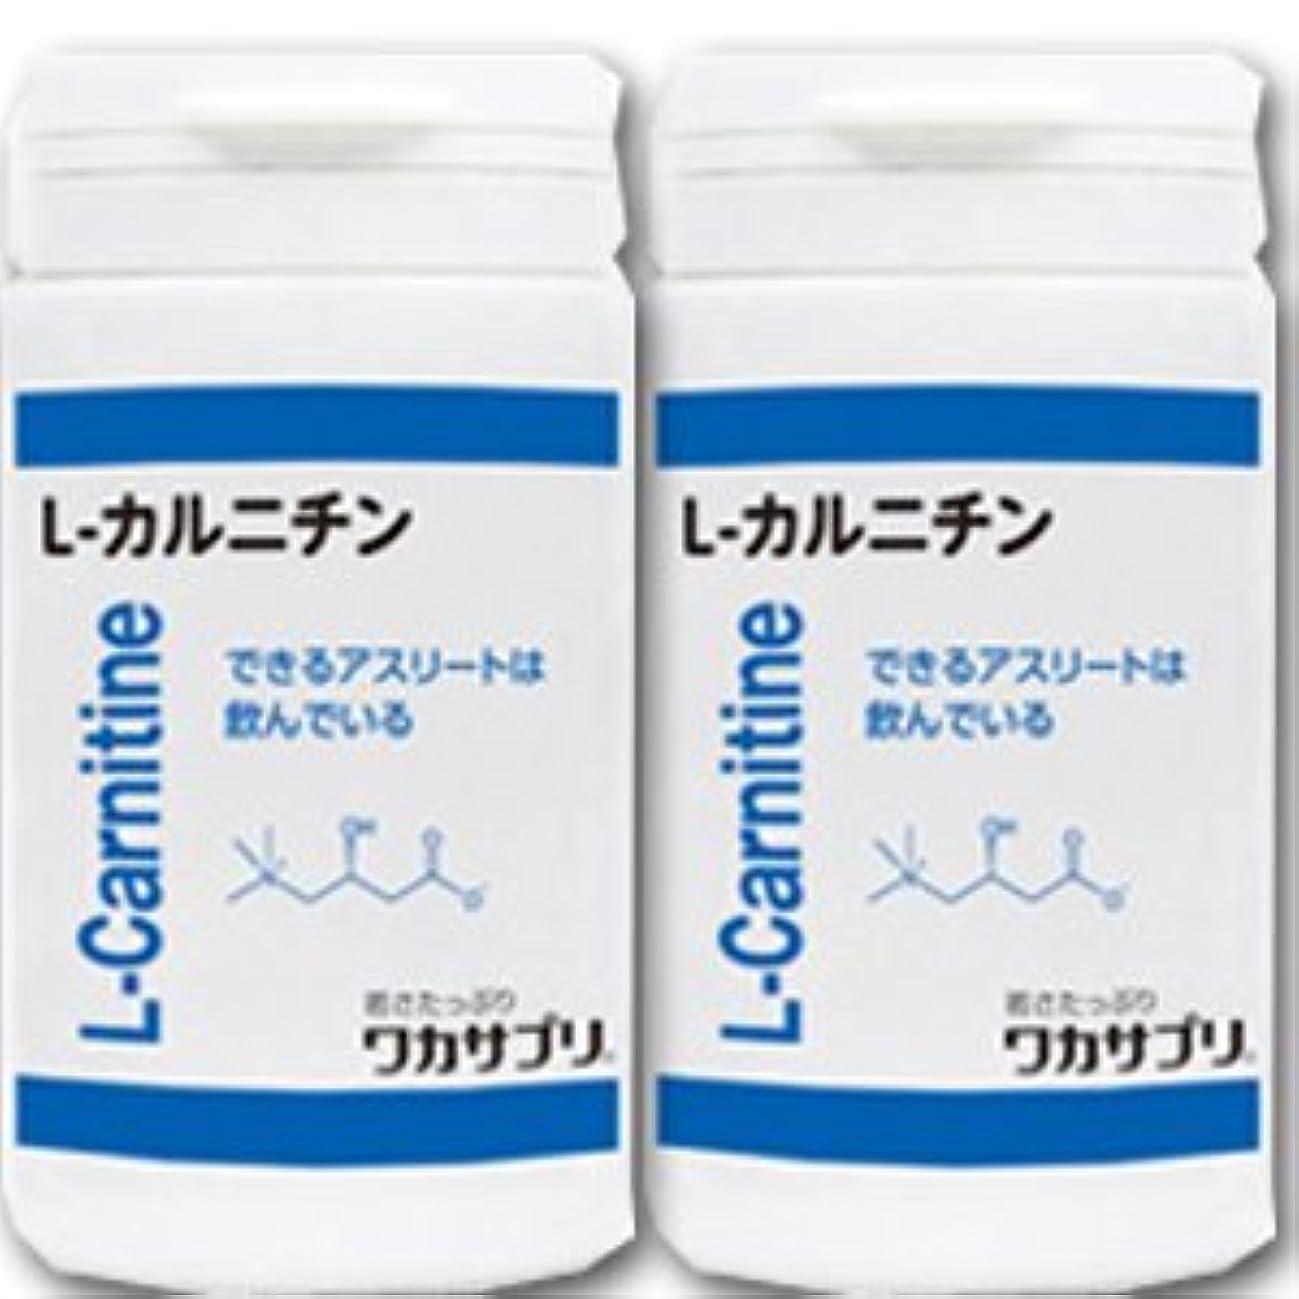 ガレージ前文コンデンサー【2個】 ワカサプリ L-カルニチン 60粒x2個(4562137413703)